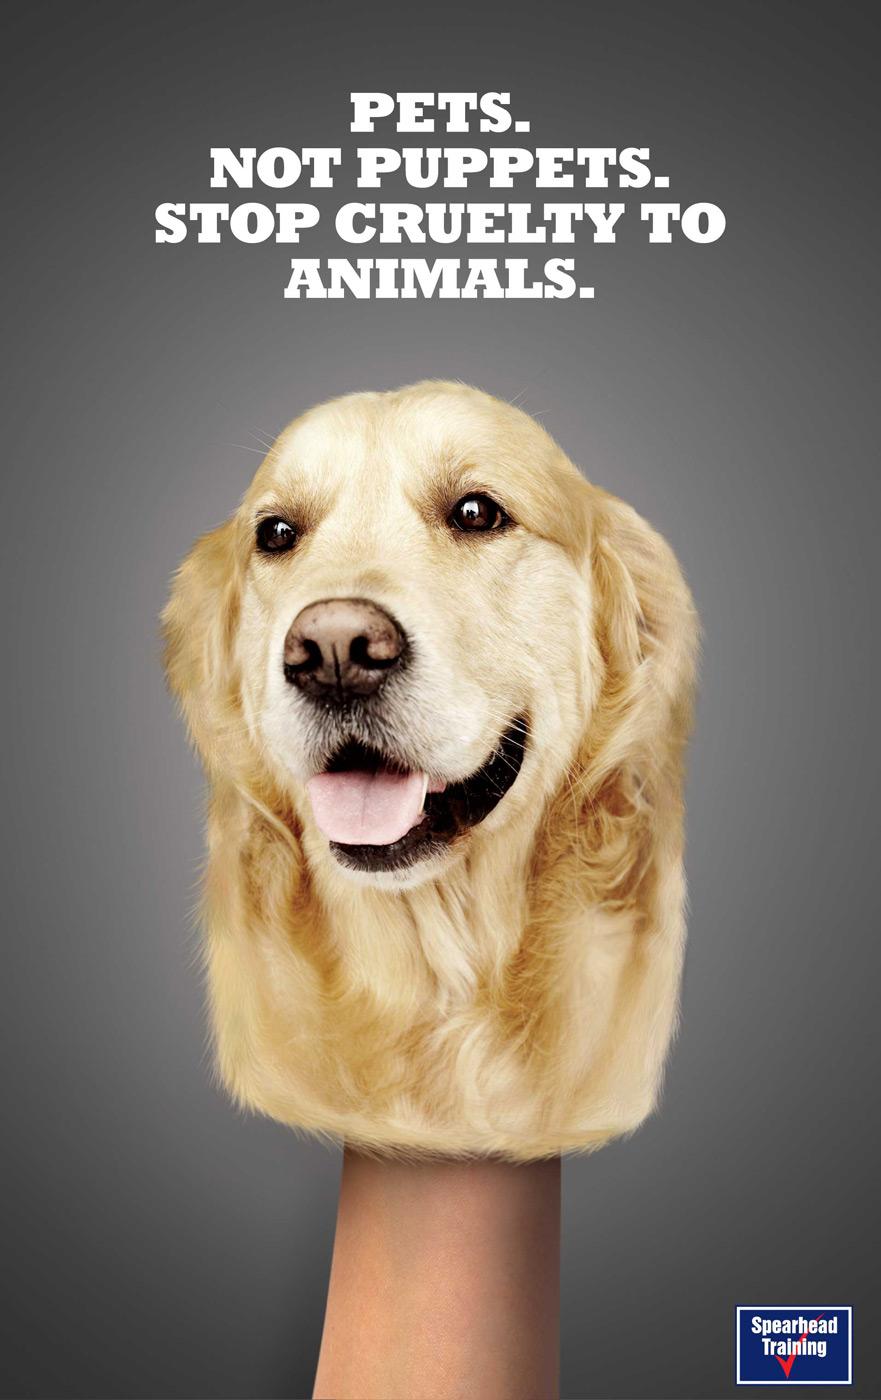 животные, тестирование, мех, косметика, кожа